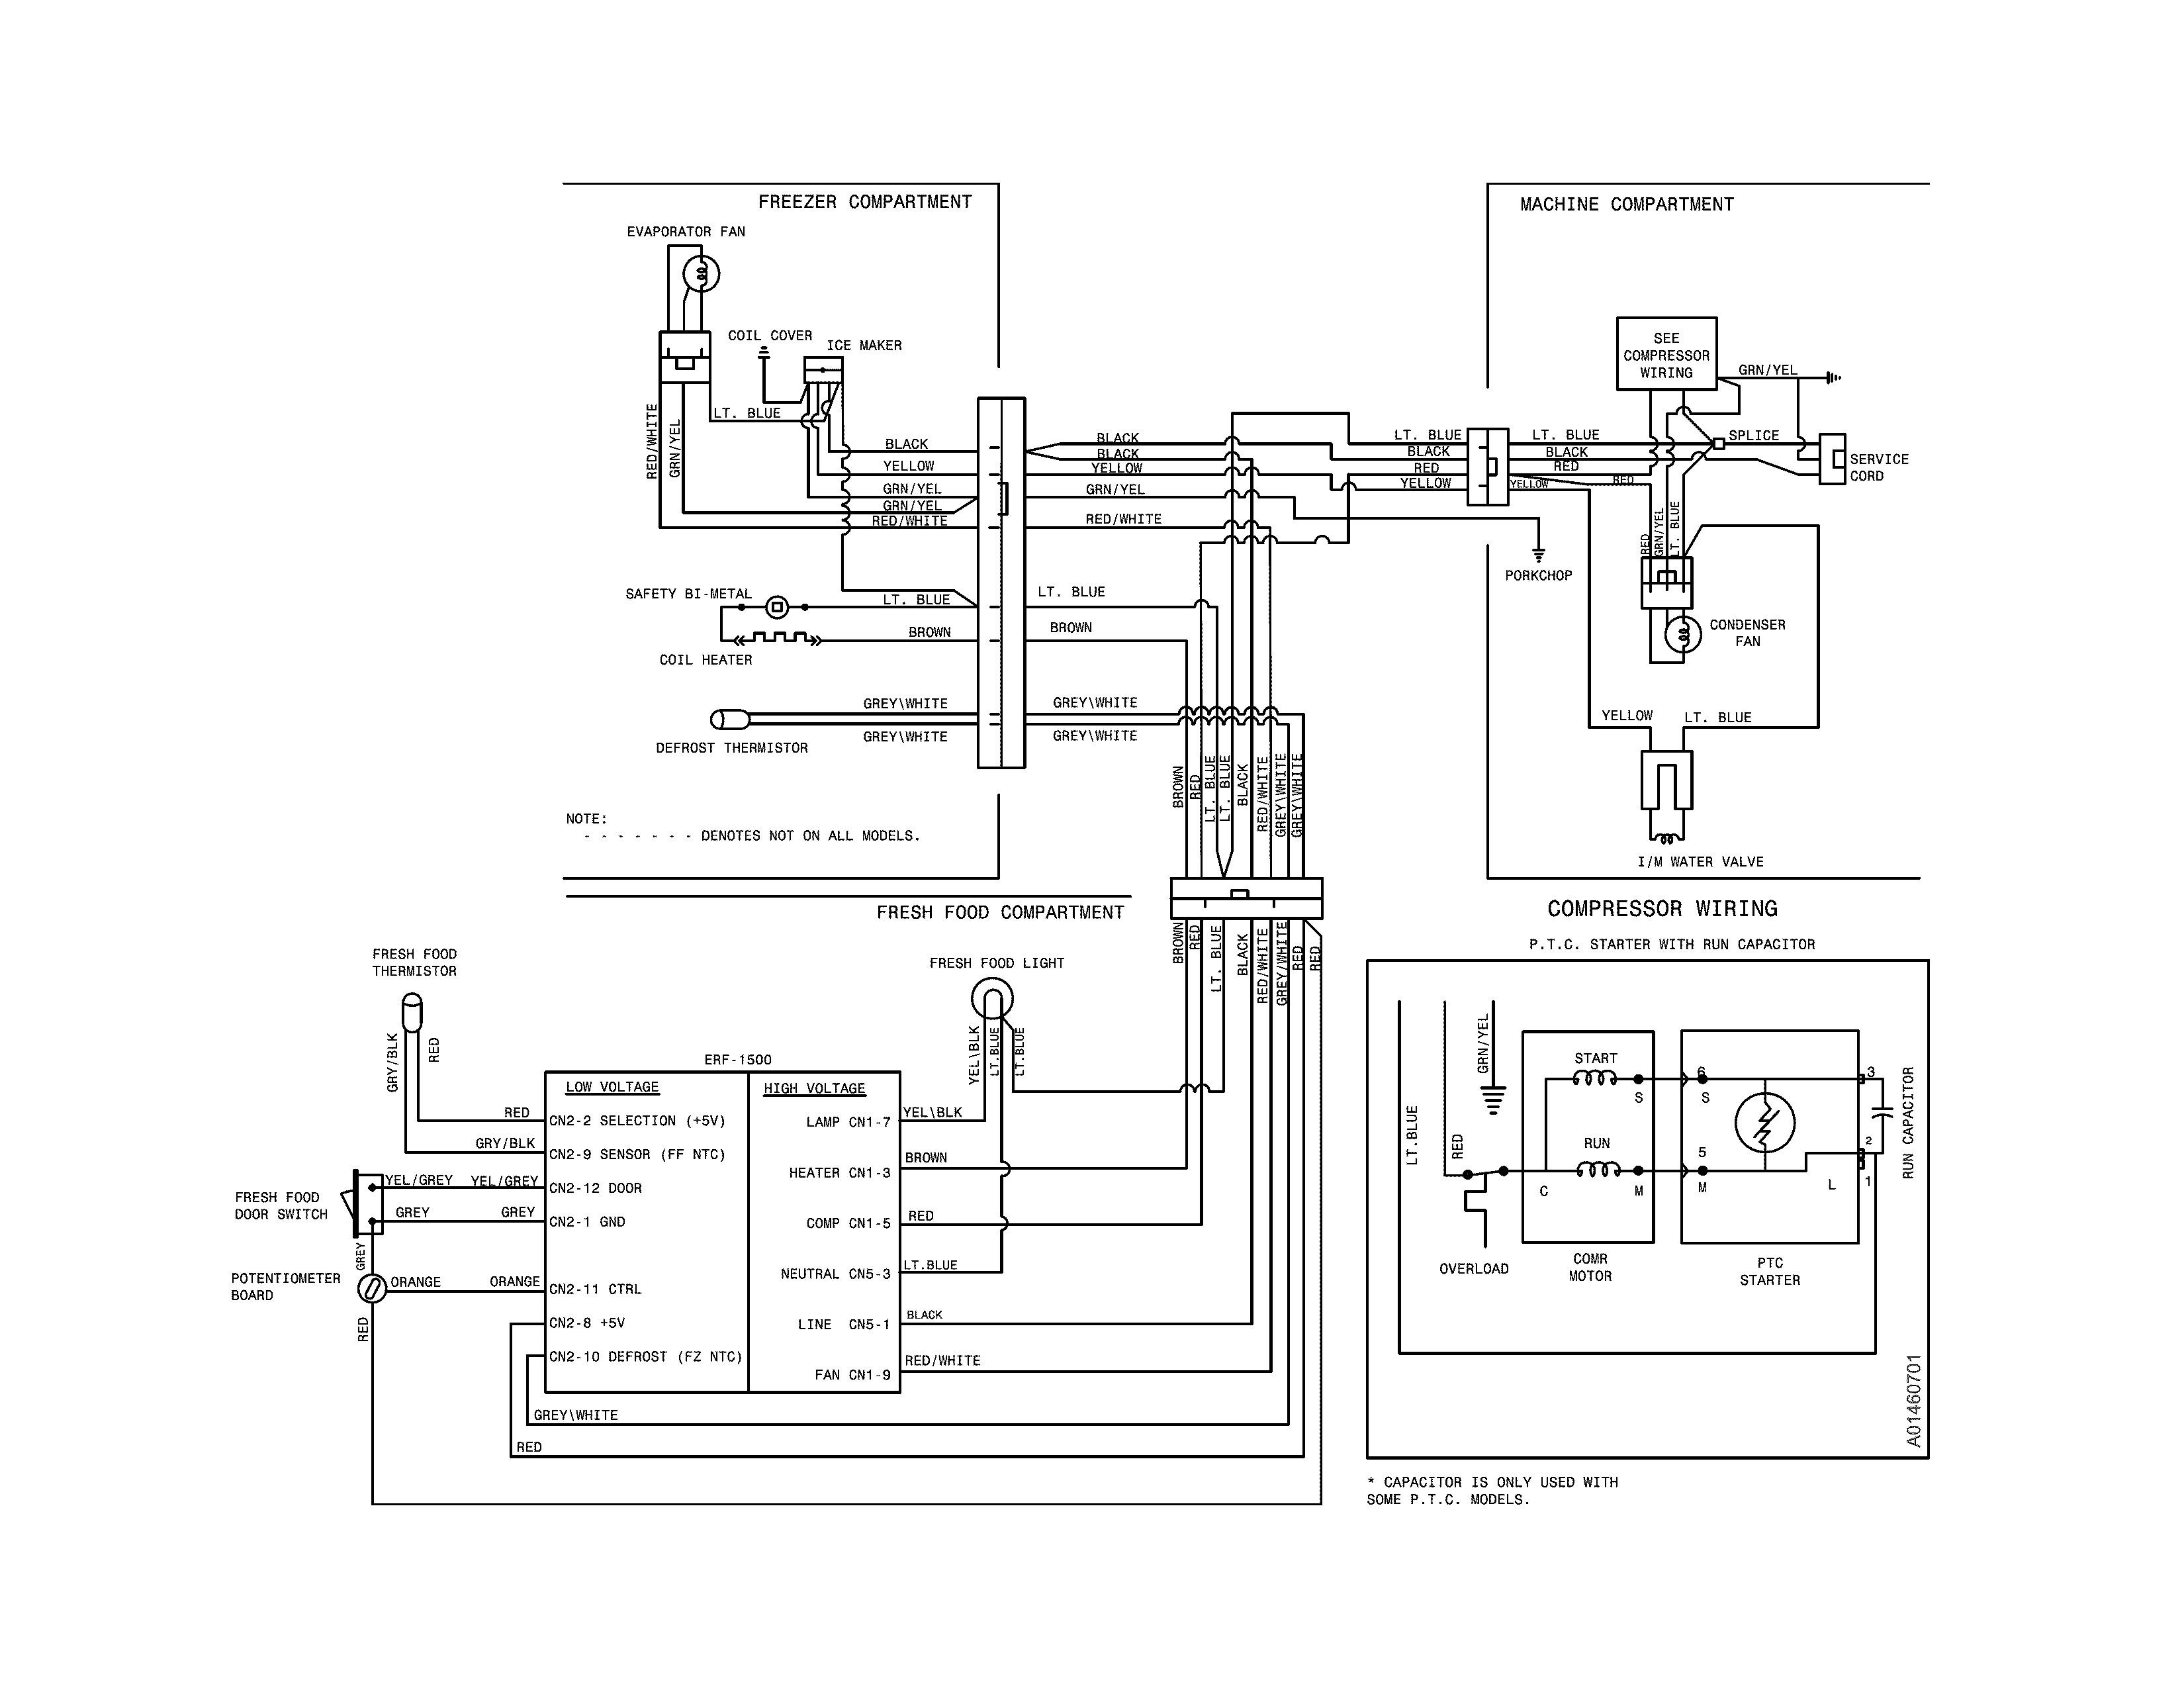 Kenmore Dishwasher Wiring Diagram R to Kenmore Refrigerator Wiring Diagram B2network Of Kenmore Dishwasher Wiring Diagram